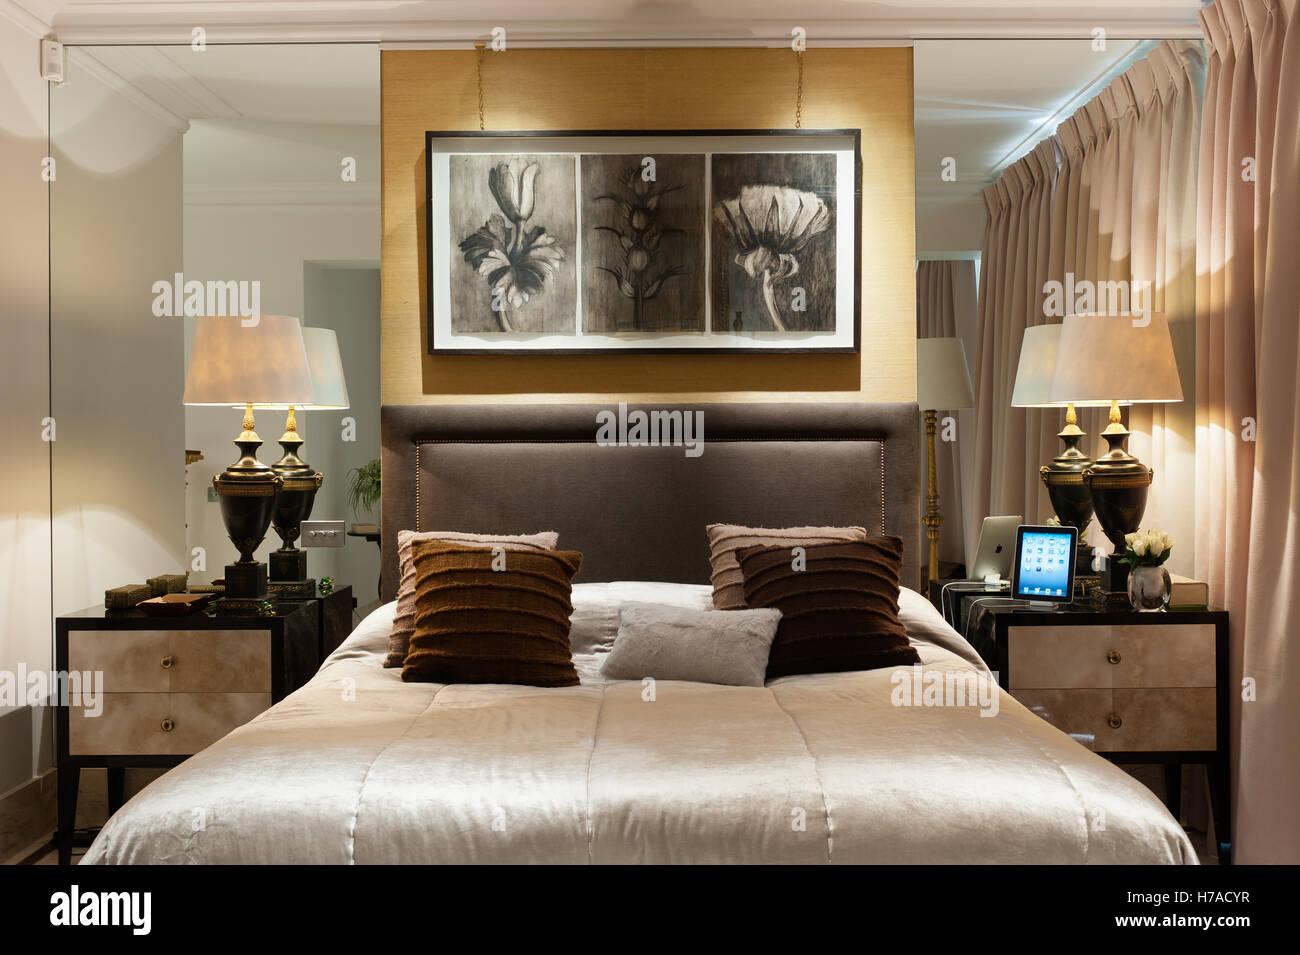 Botanische Illustrationen über Doppelbett mit passenden Nachttischlampen und vertiefte verspiegelten Wänden Stockbild